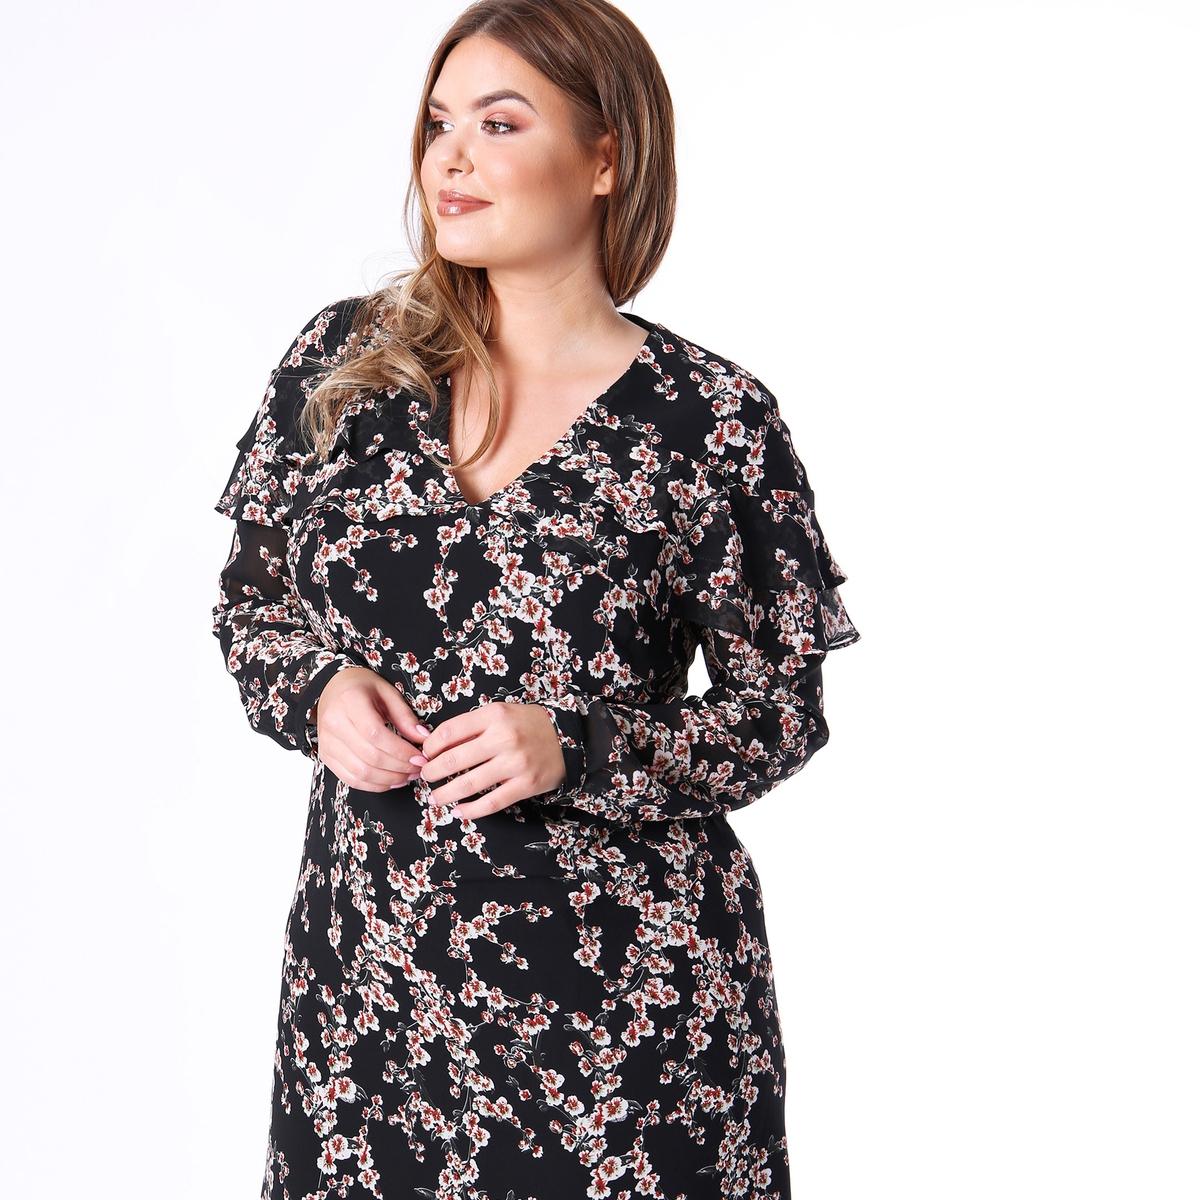 Платье с v-образным вырезом, цветочным принтом, воланами, рукава 3/4 4 3 at043tn24 v 7 at043tn24 v 1